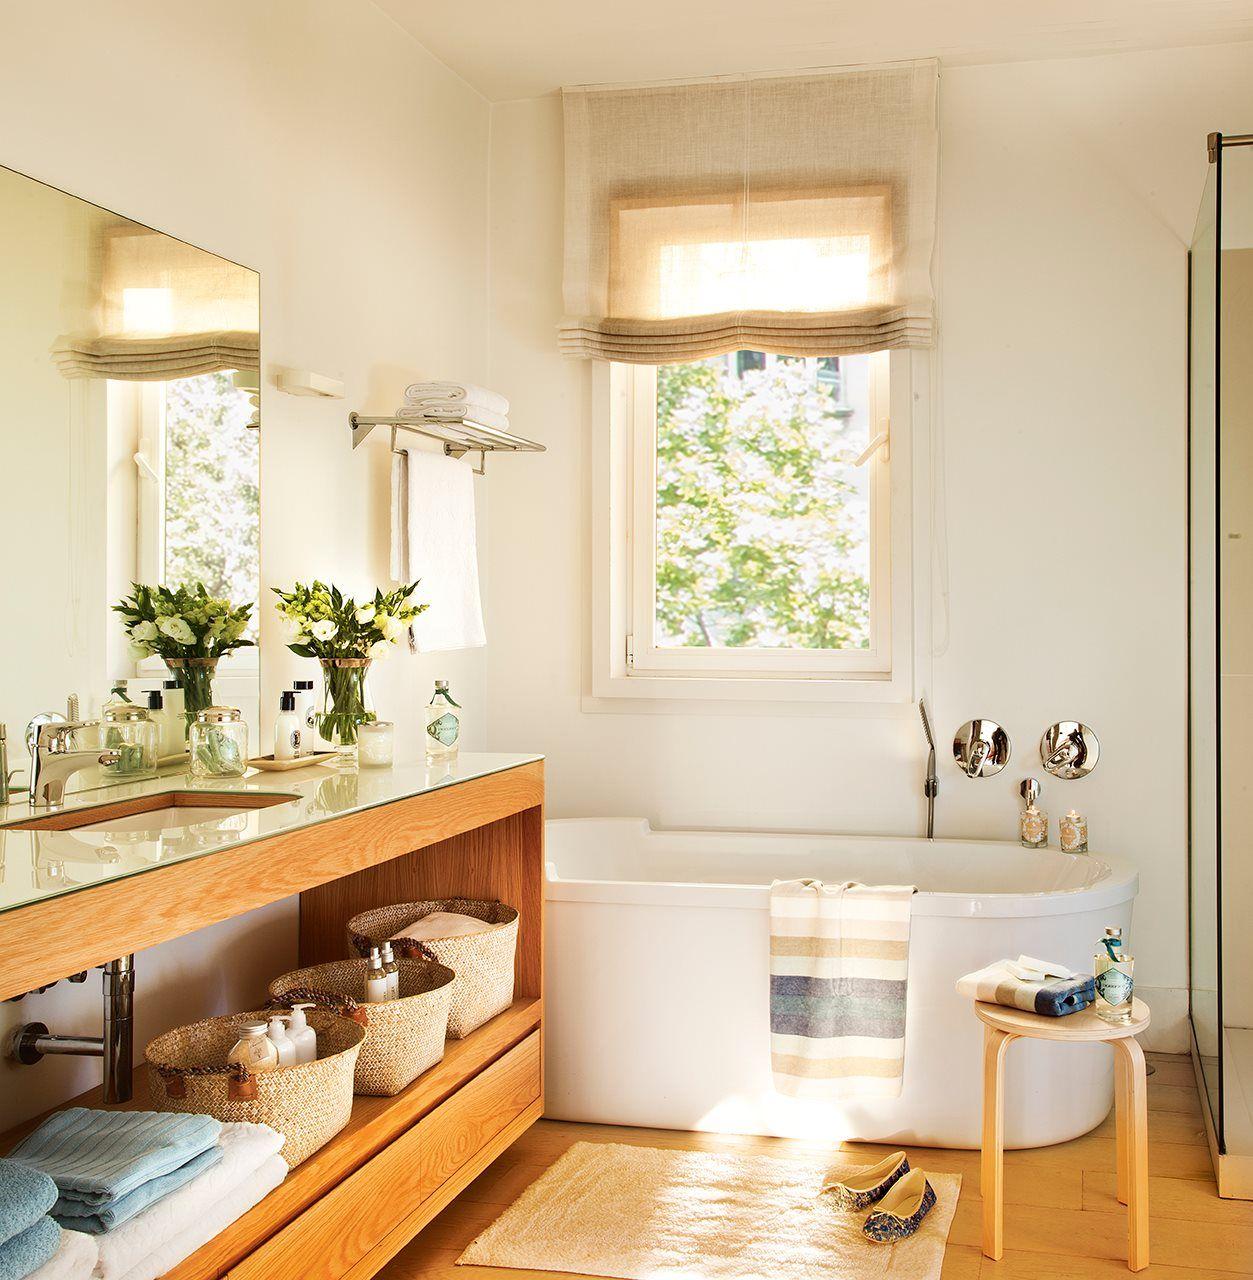 con baera ducha y un vestidor elmueblecom cocinas y